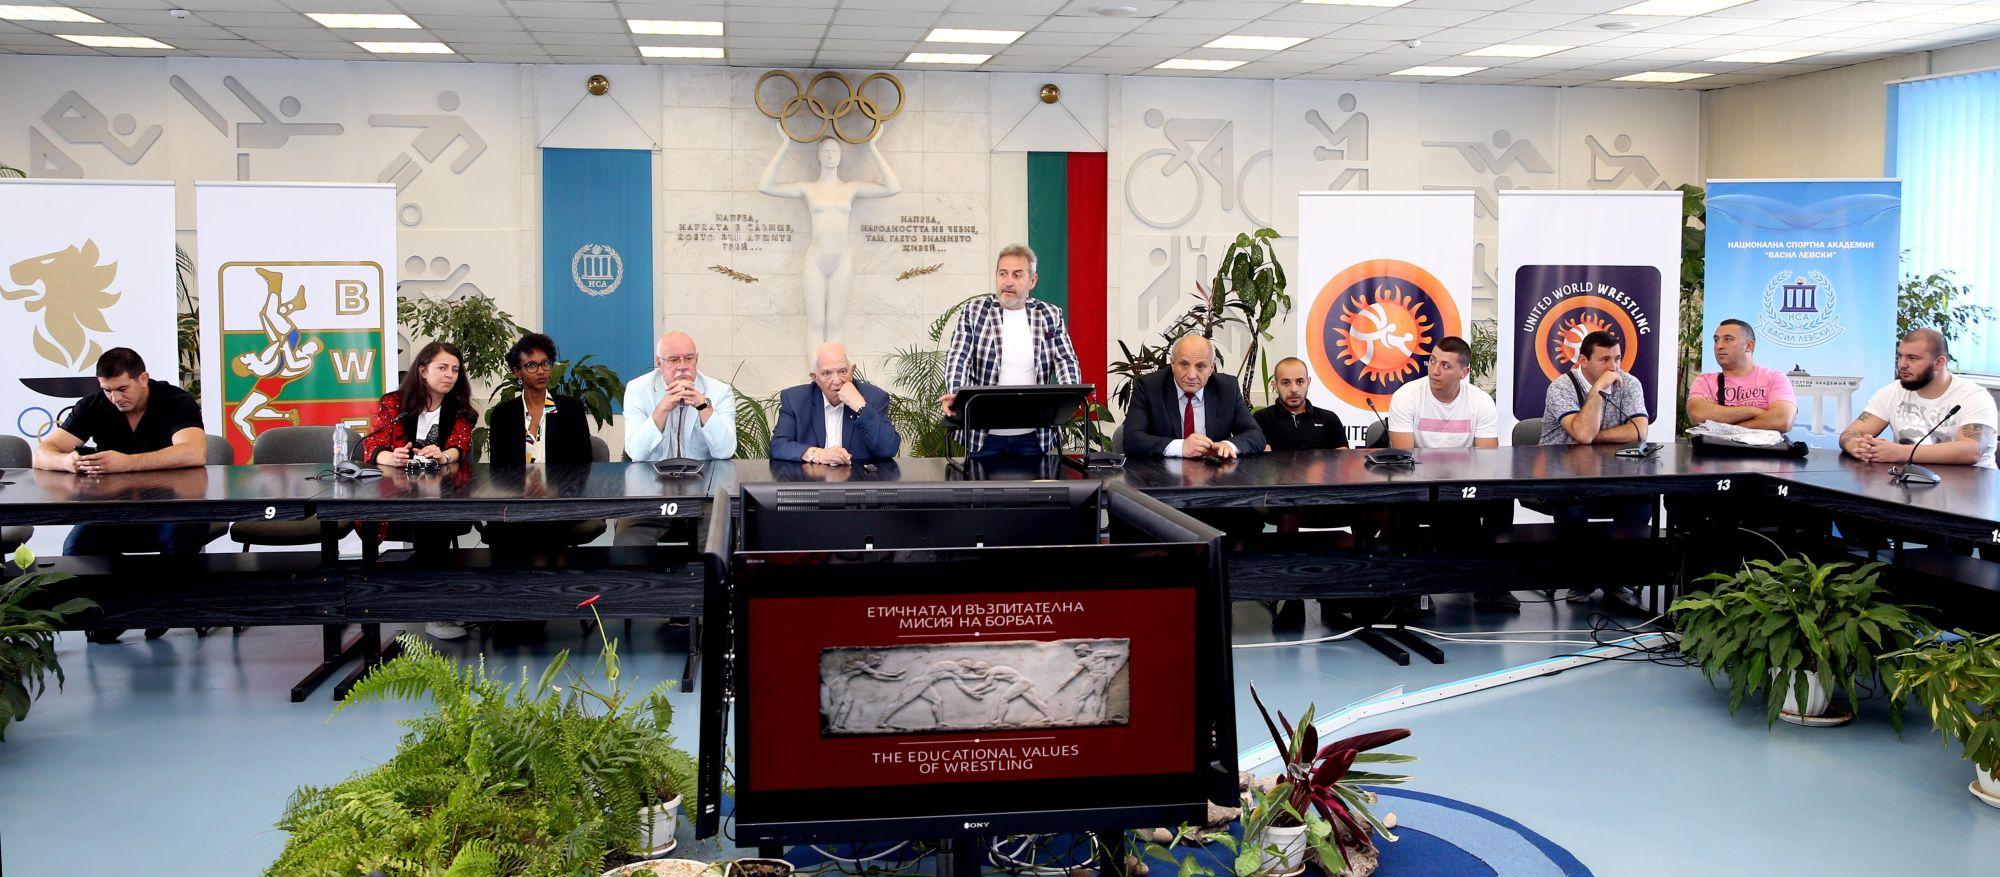 Българската борба проведе иновативен семинар в НСА